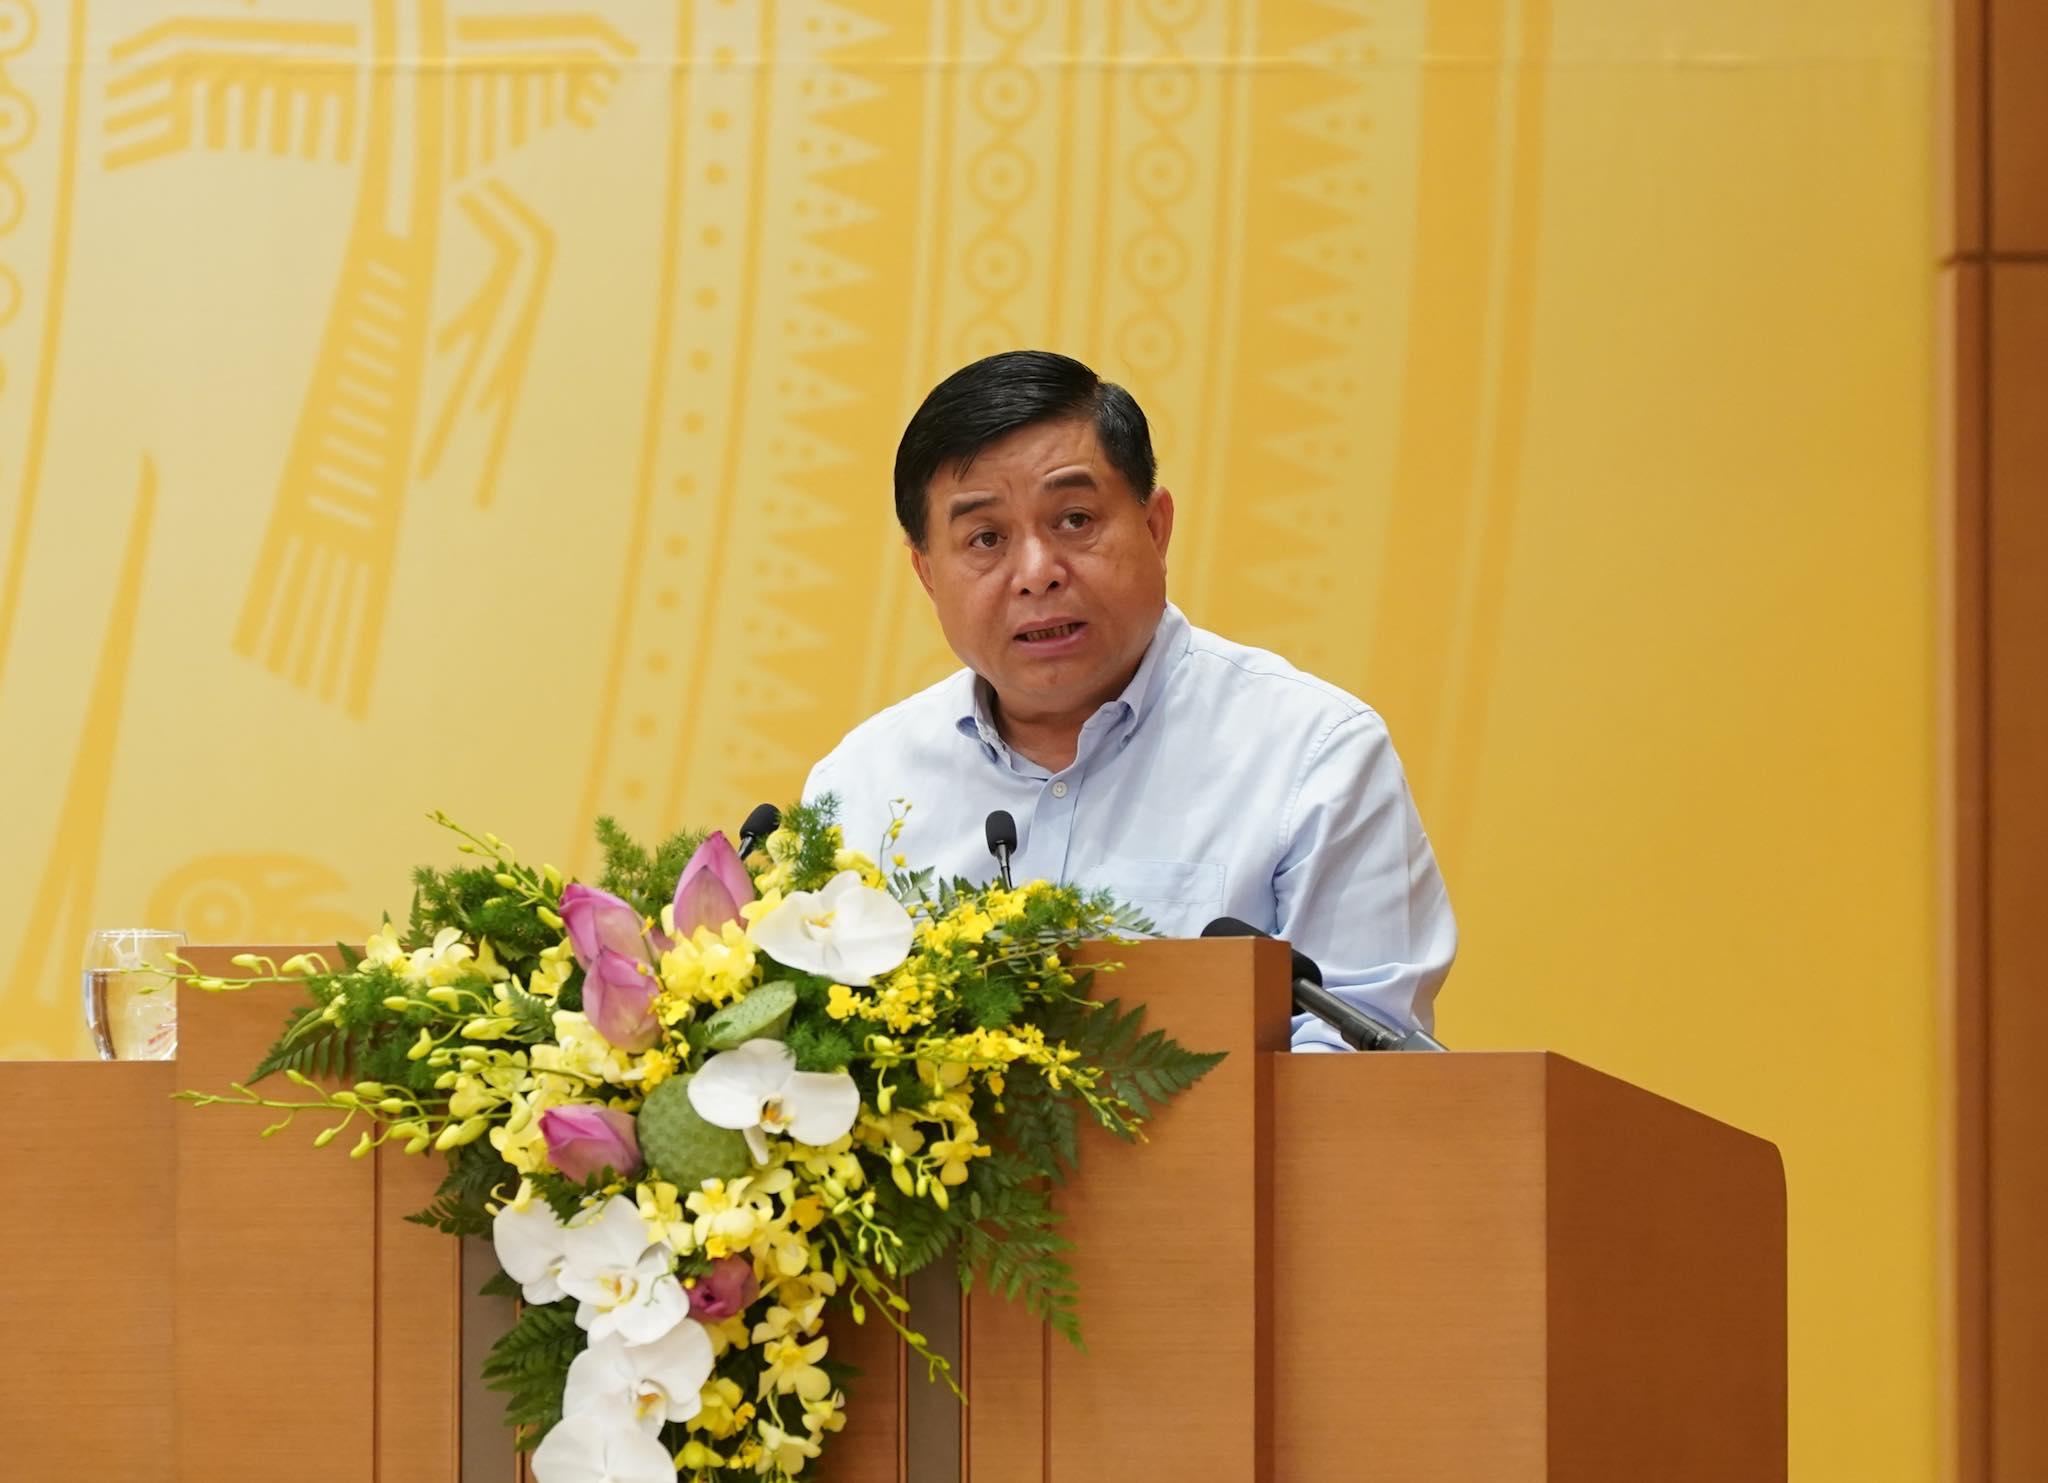 Bộ trưởng Nguyễn Chí Dũng: Cần lập ban chỉ đạo quốc gia chống suy thoái kinh tế - Ảnh 1.